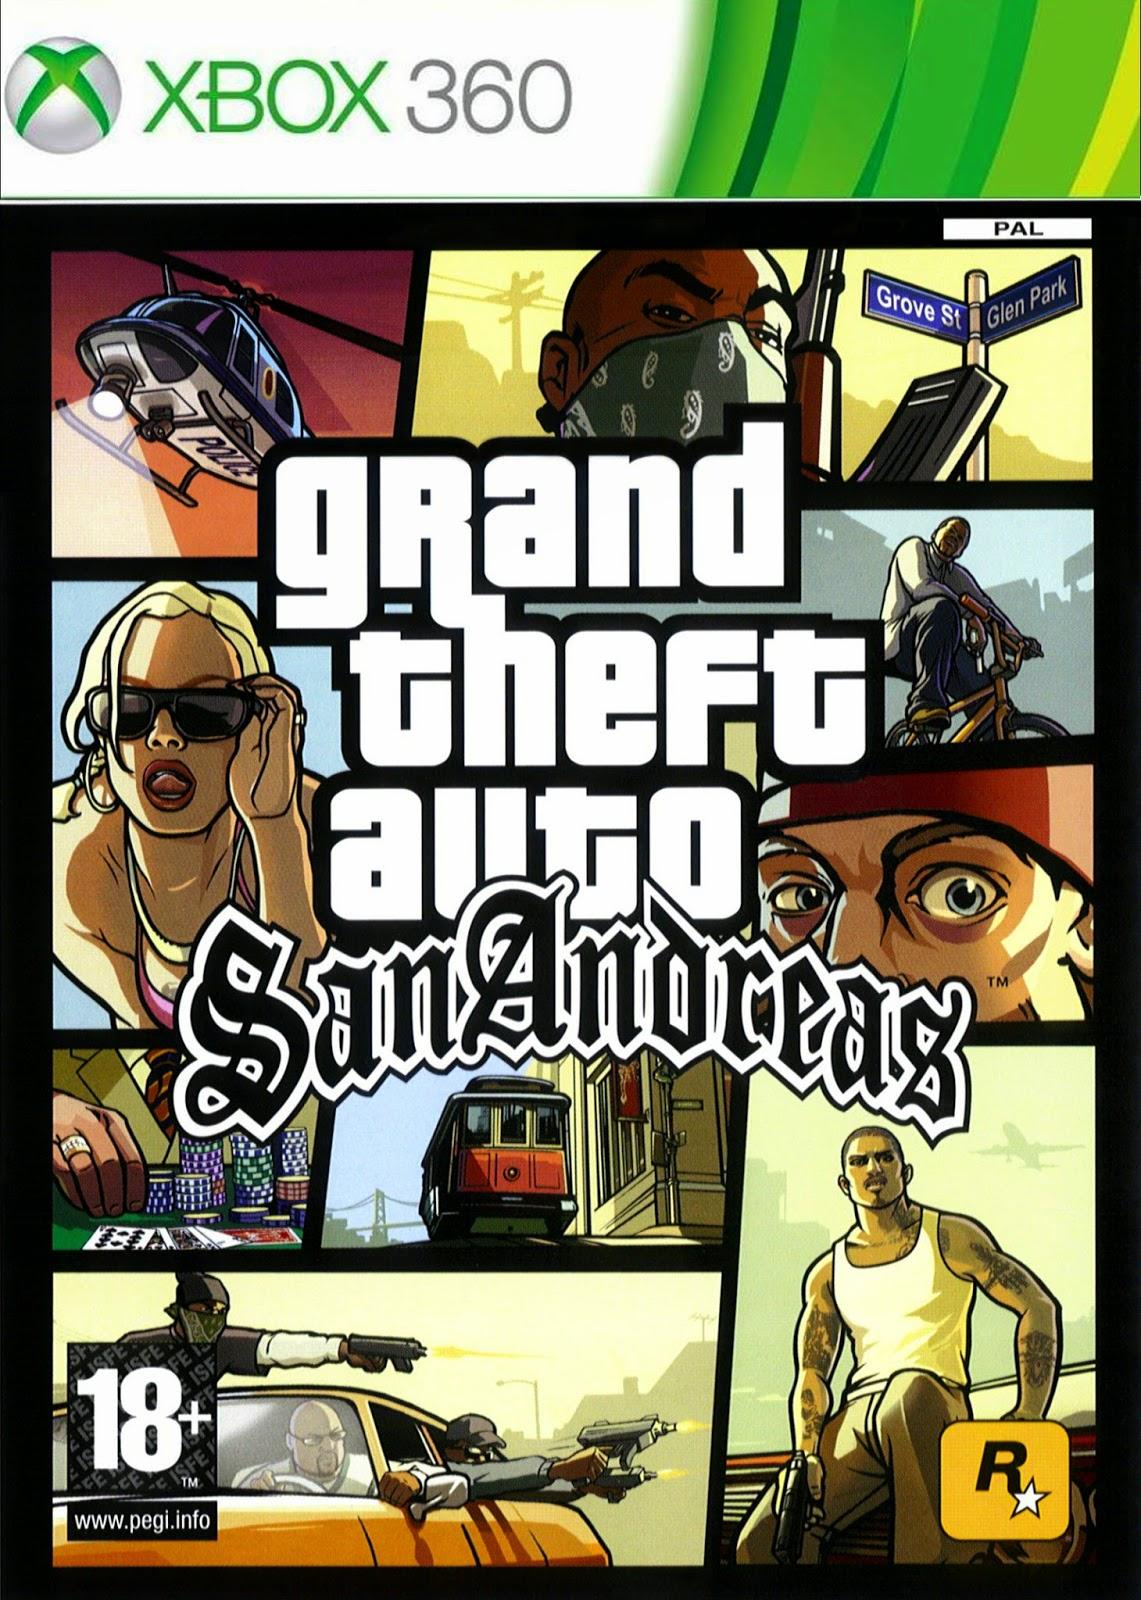 Grand Theft Auto San Andreas HD XBOX 360 Cover Caratula